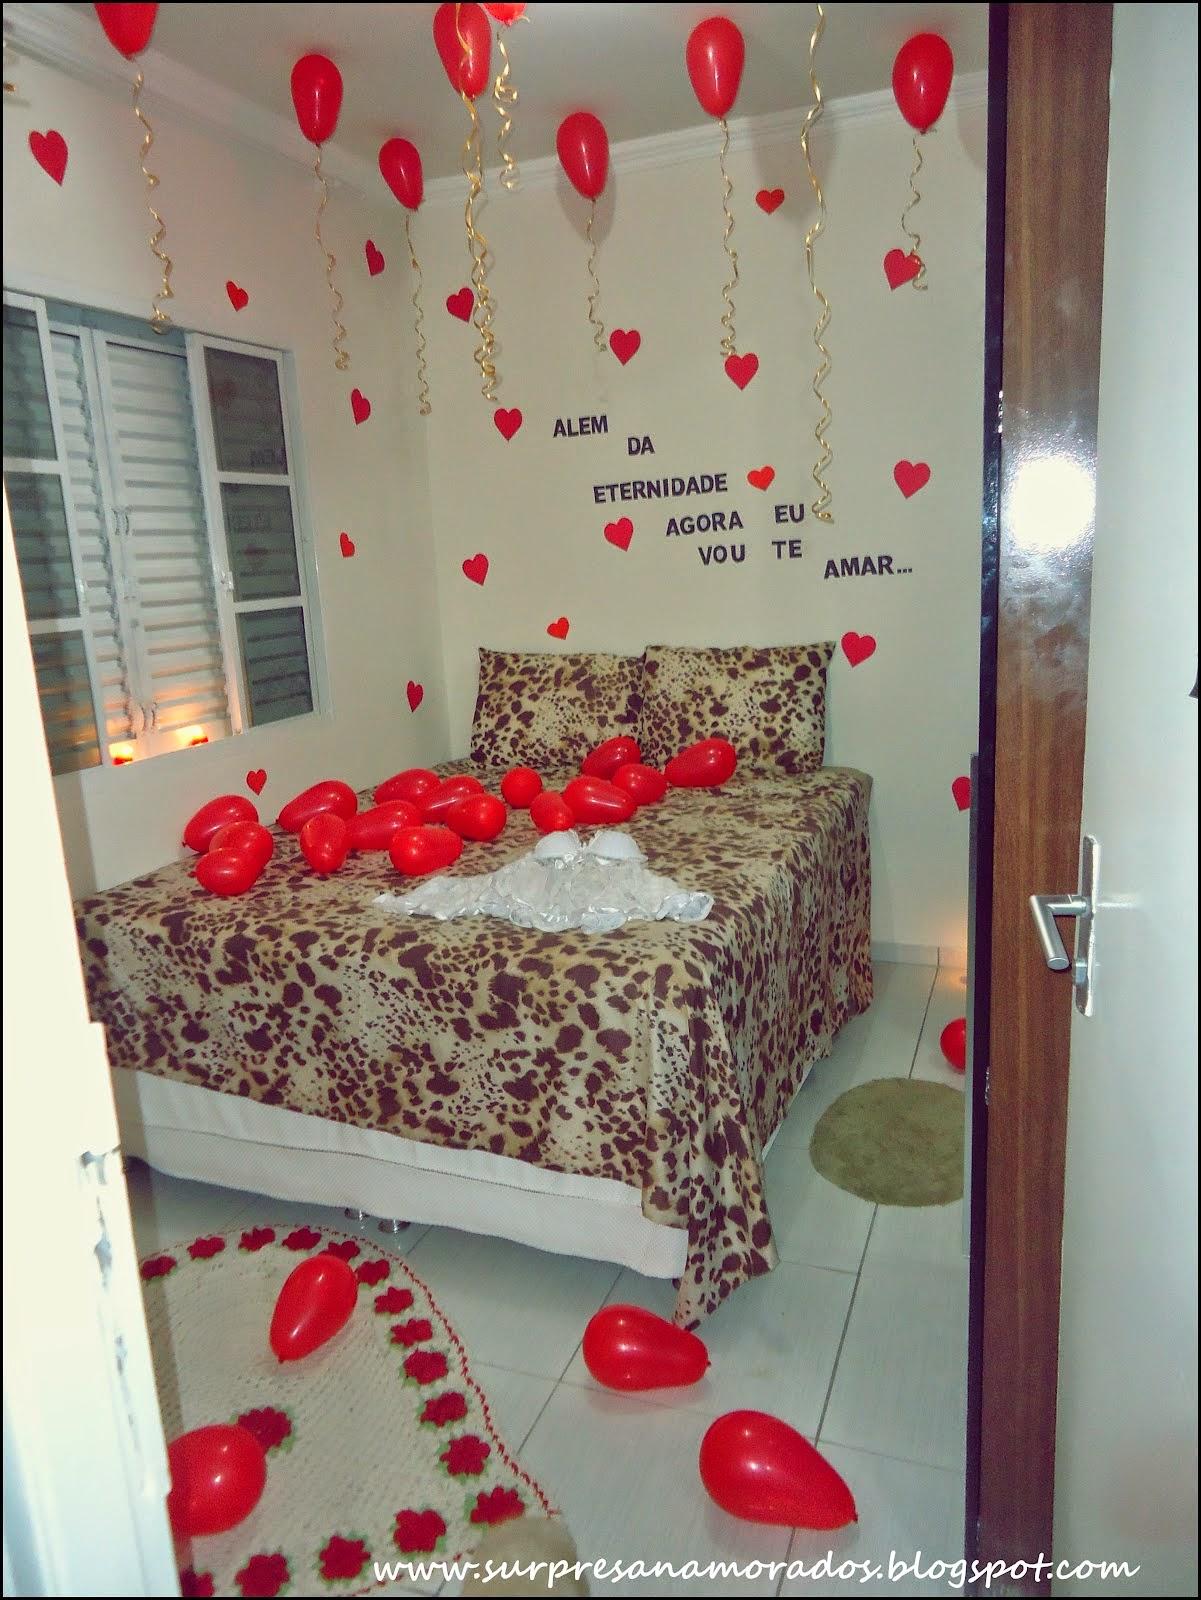 Exclusiva Dicas de coisas românticas para fazer no dia  ~ Surpresa No Quarto Do Meu Namorado